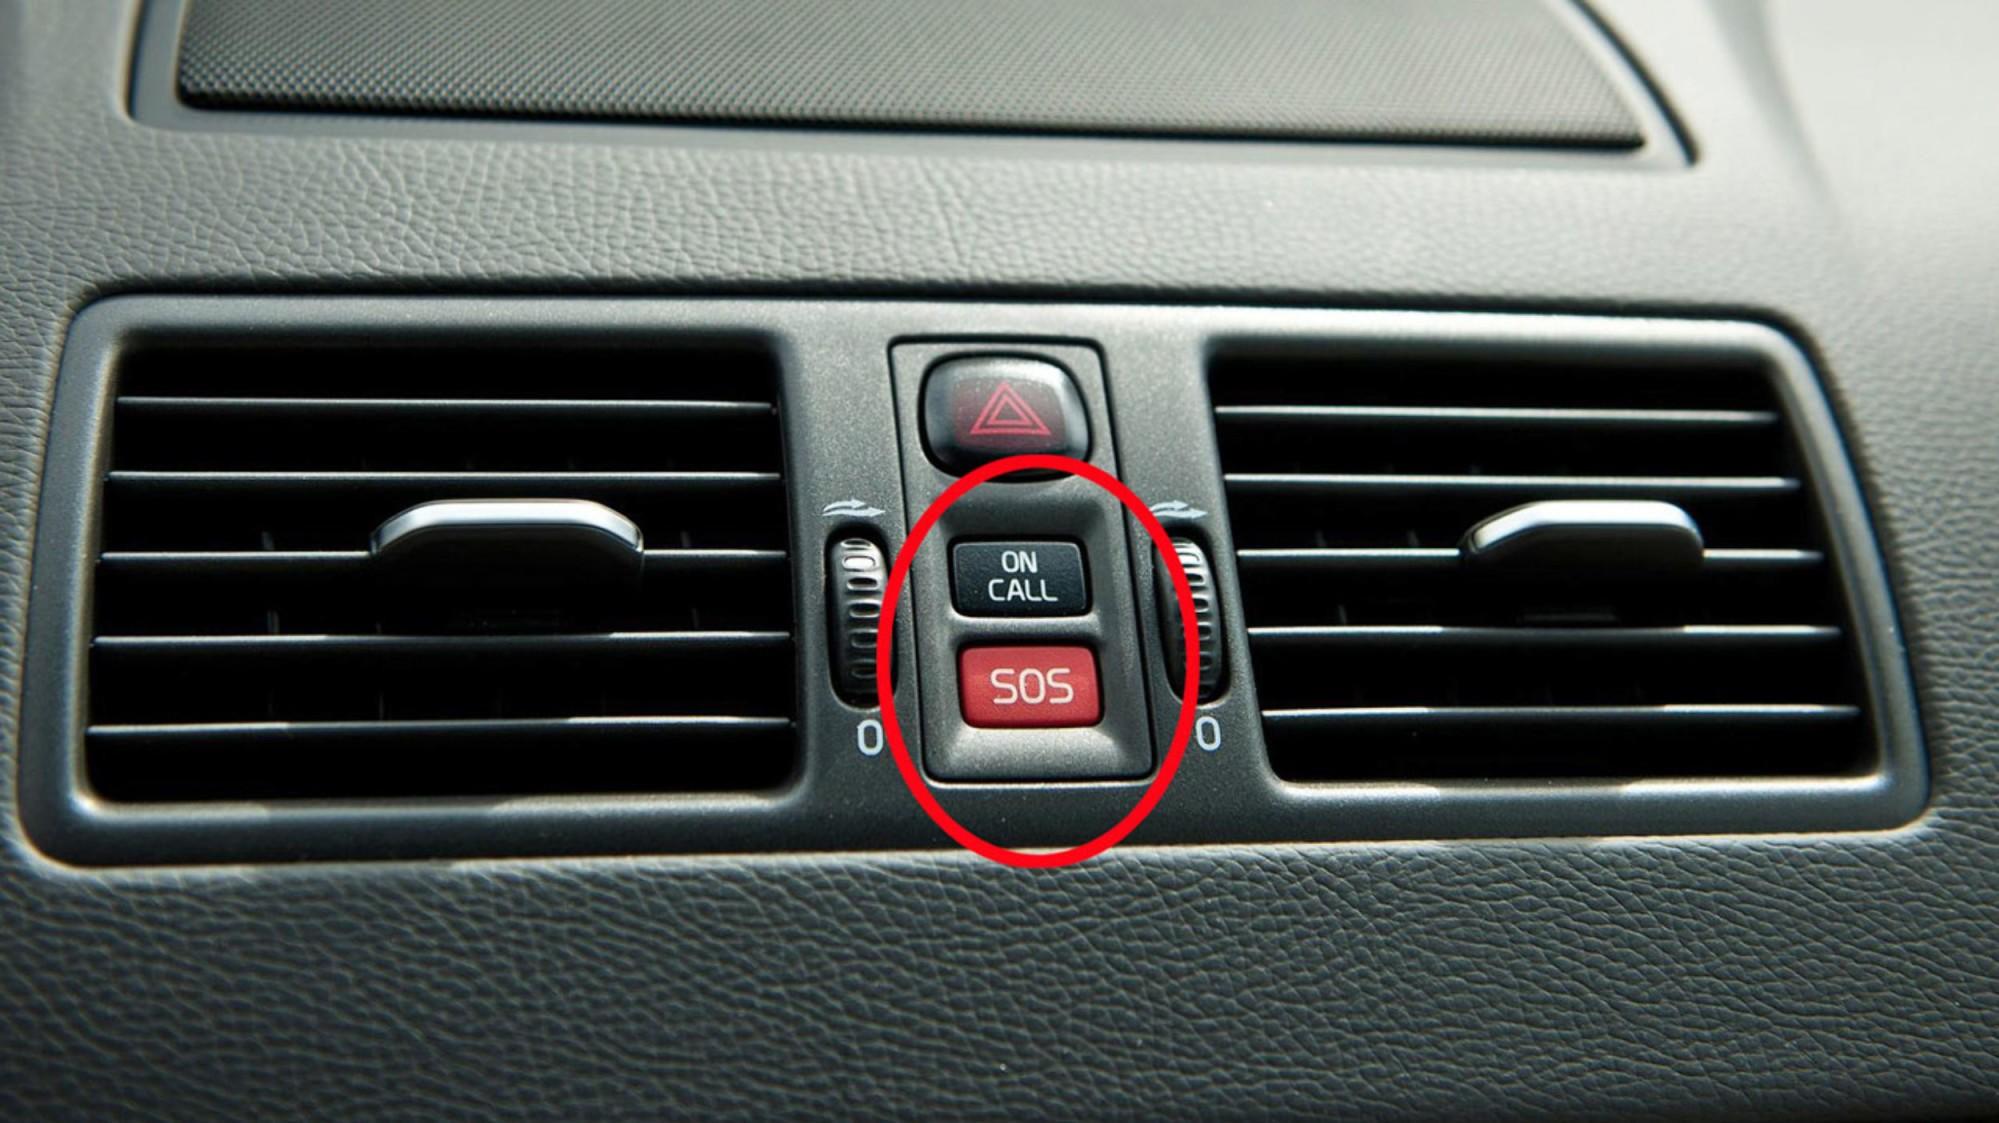 VARSLER SELV VED ULYKKE: eCall betyr at bilen selv kan varsle når ulykken har vært ute. Volvo er blant de som er langt framme på teknologien allerede, dette er to velkjente knapper for mange Volvo-eiere.